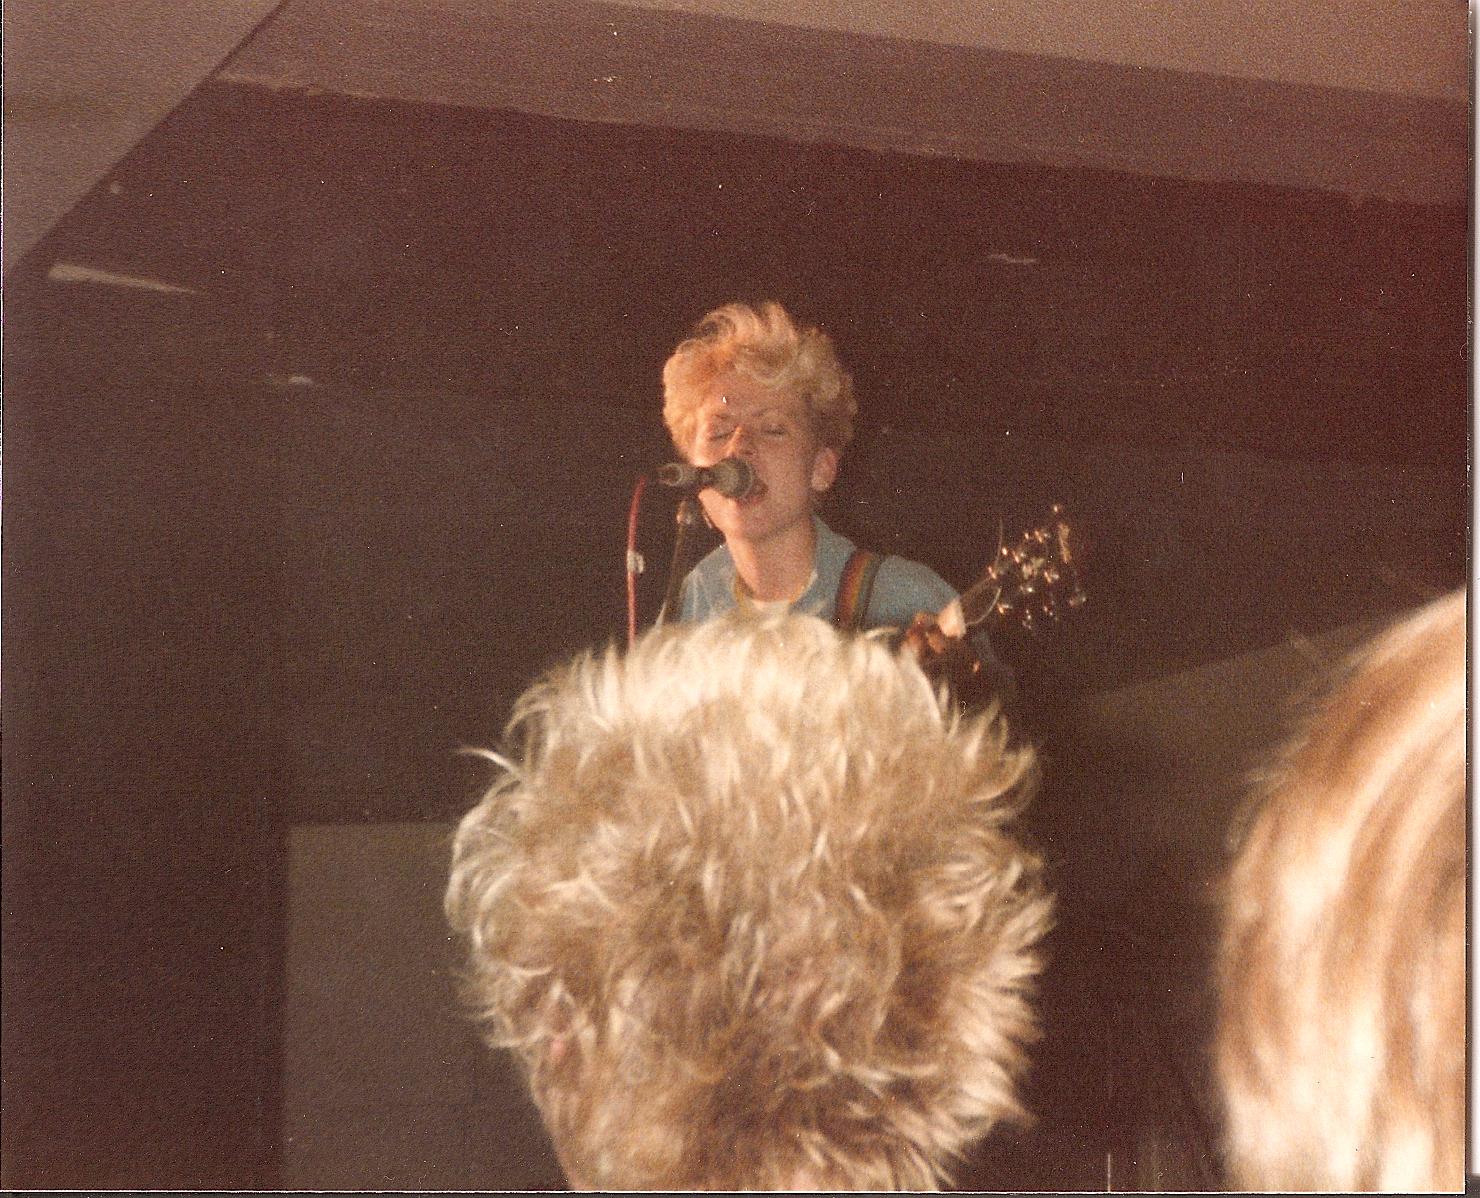 On stage European tour 1984